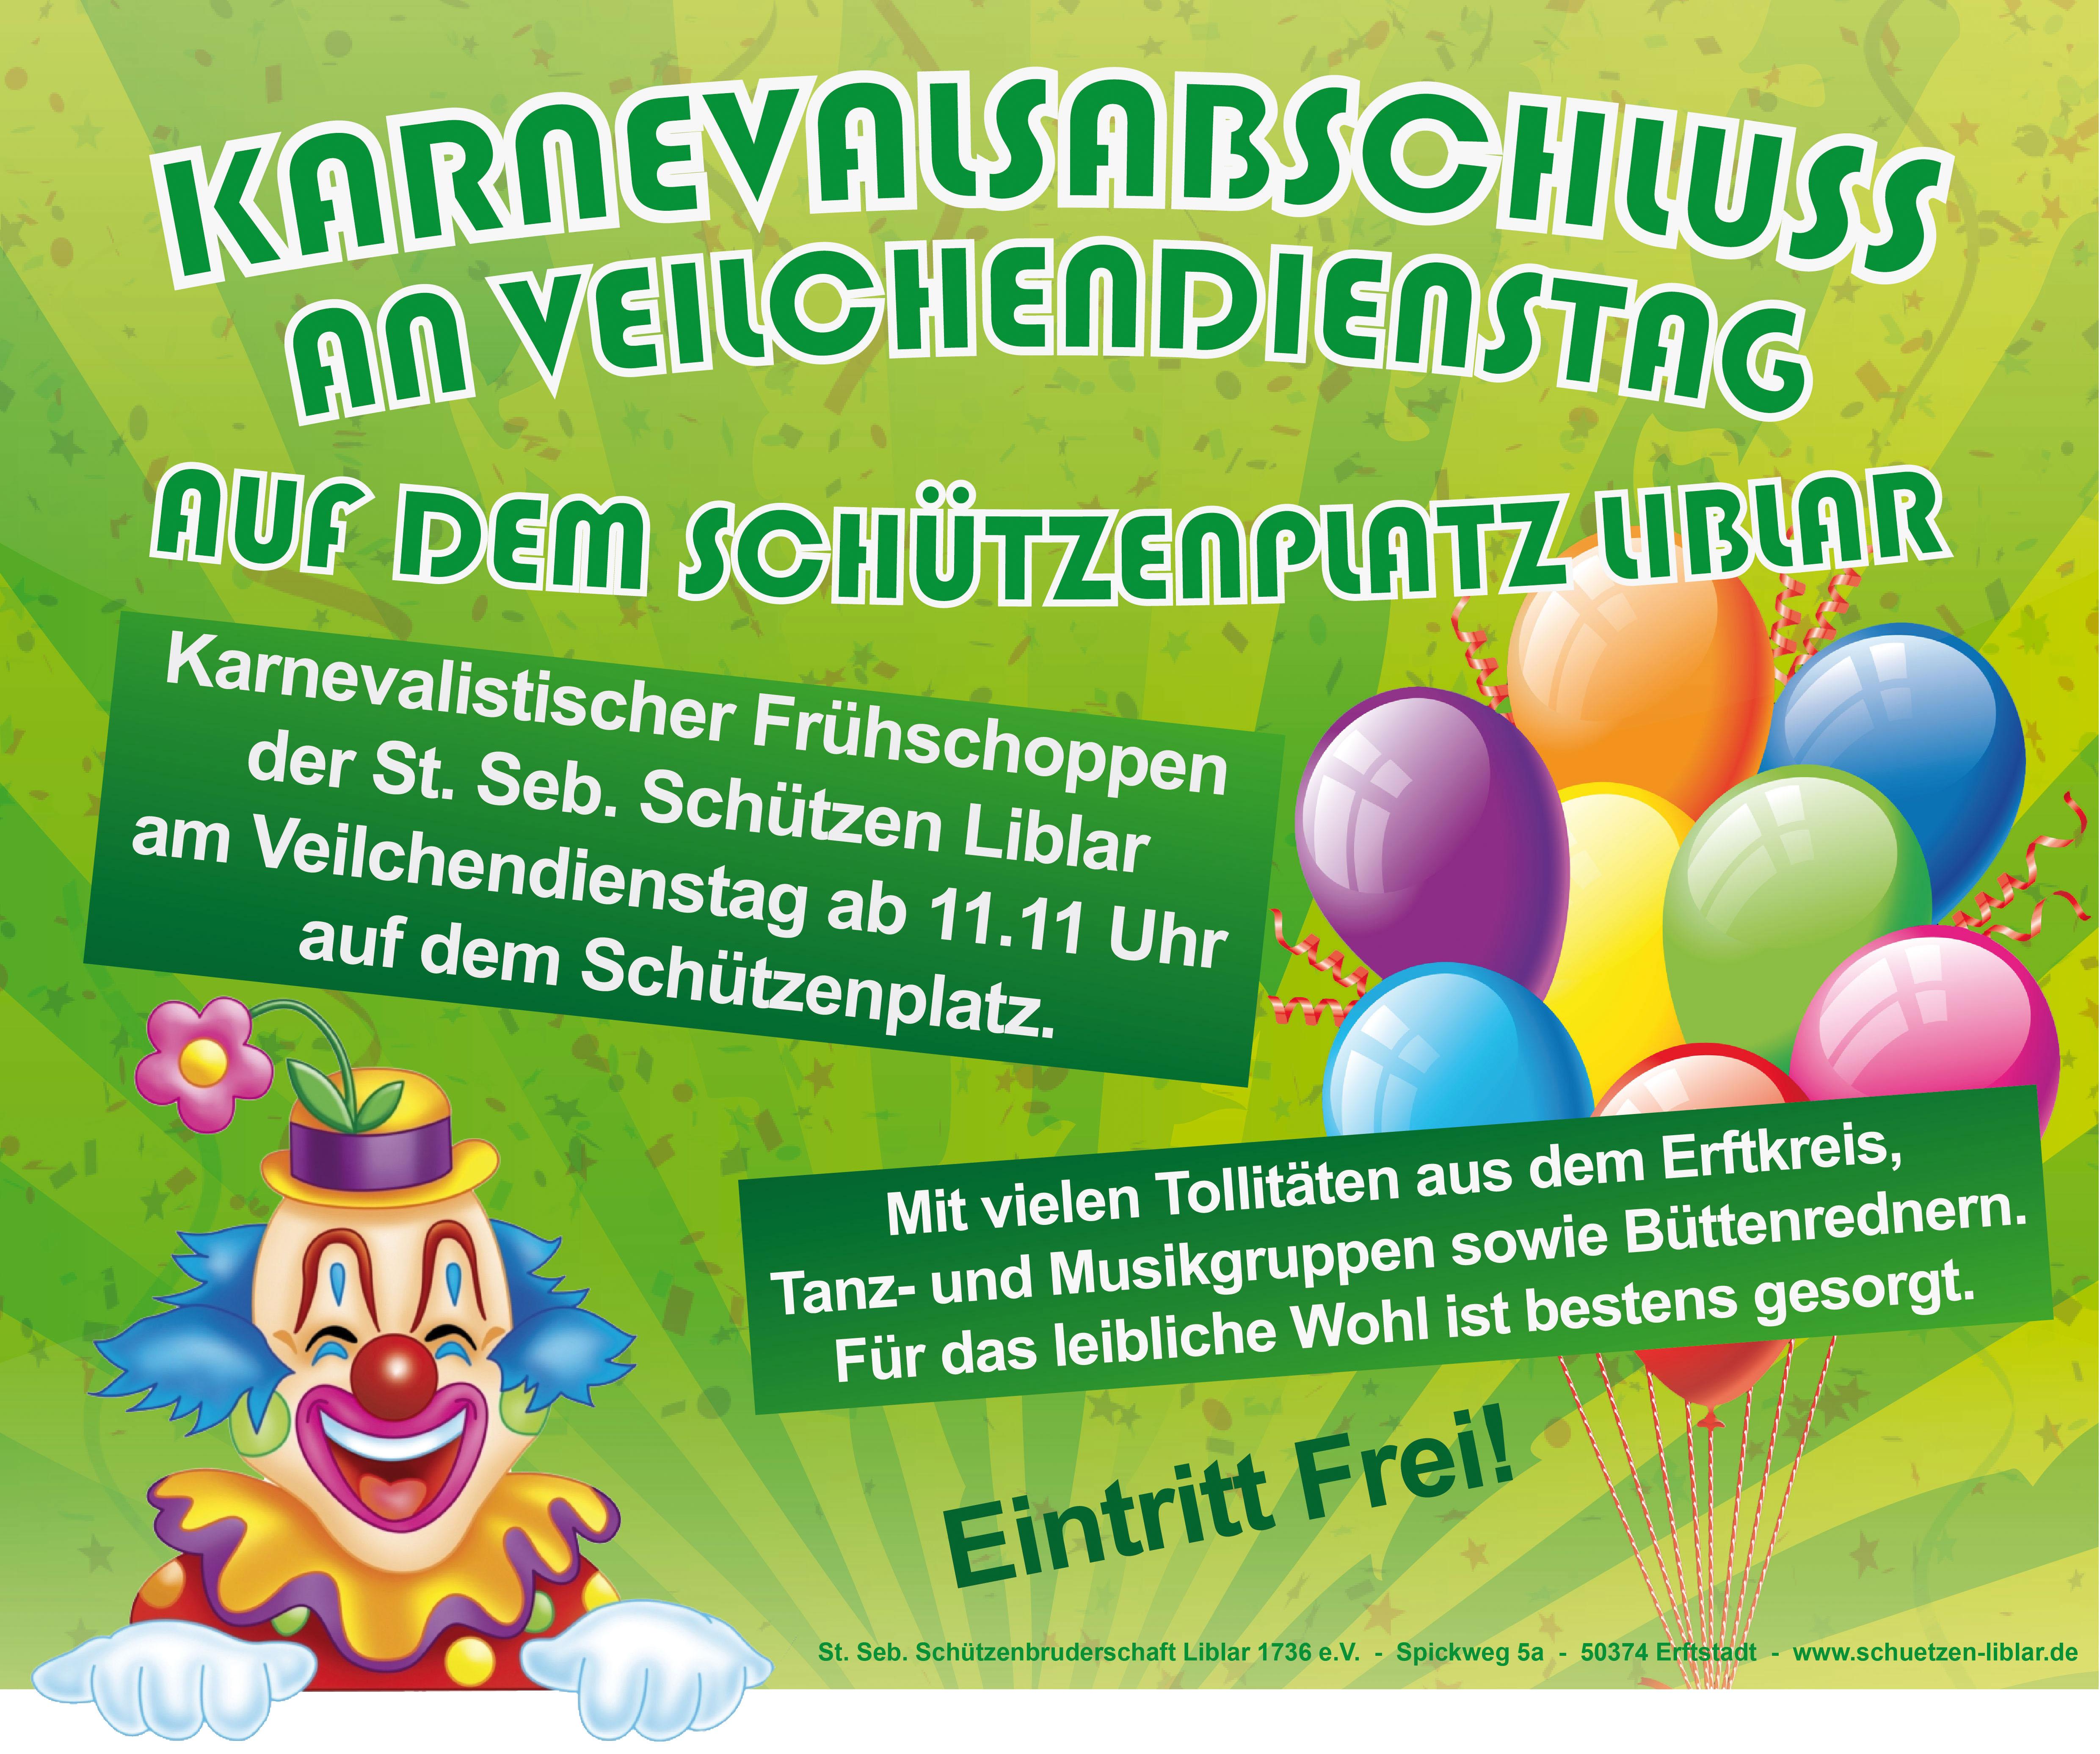 Karnevalsabschluss in Liblar